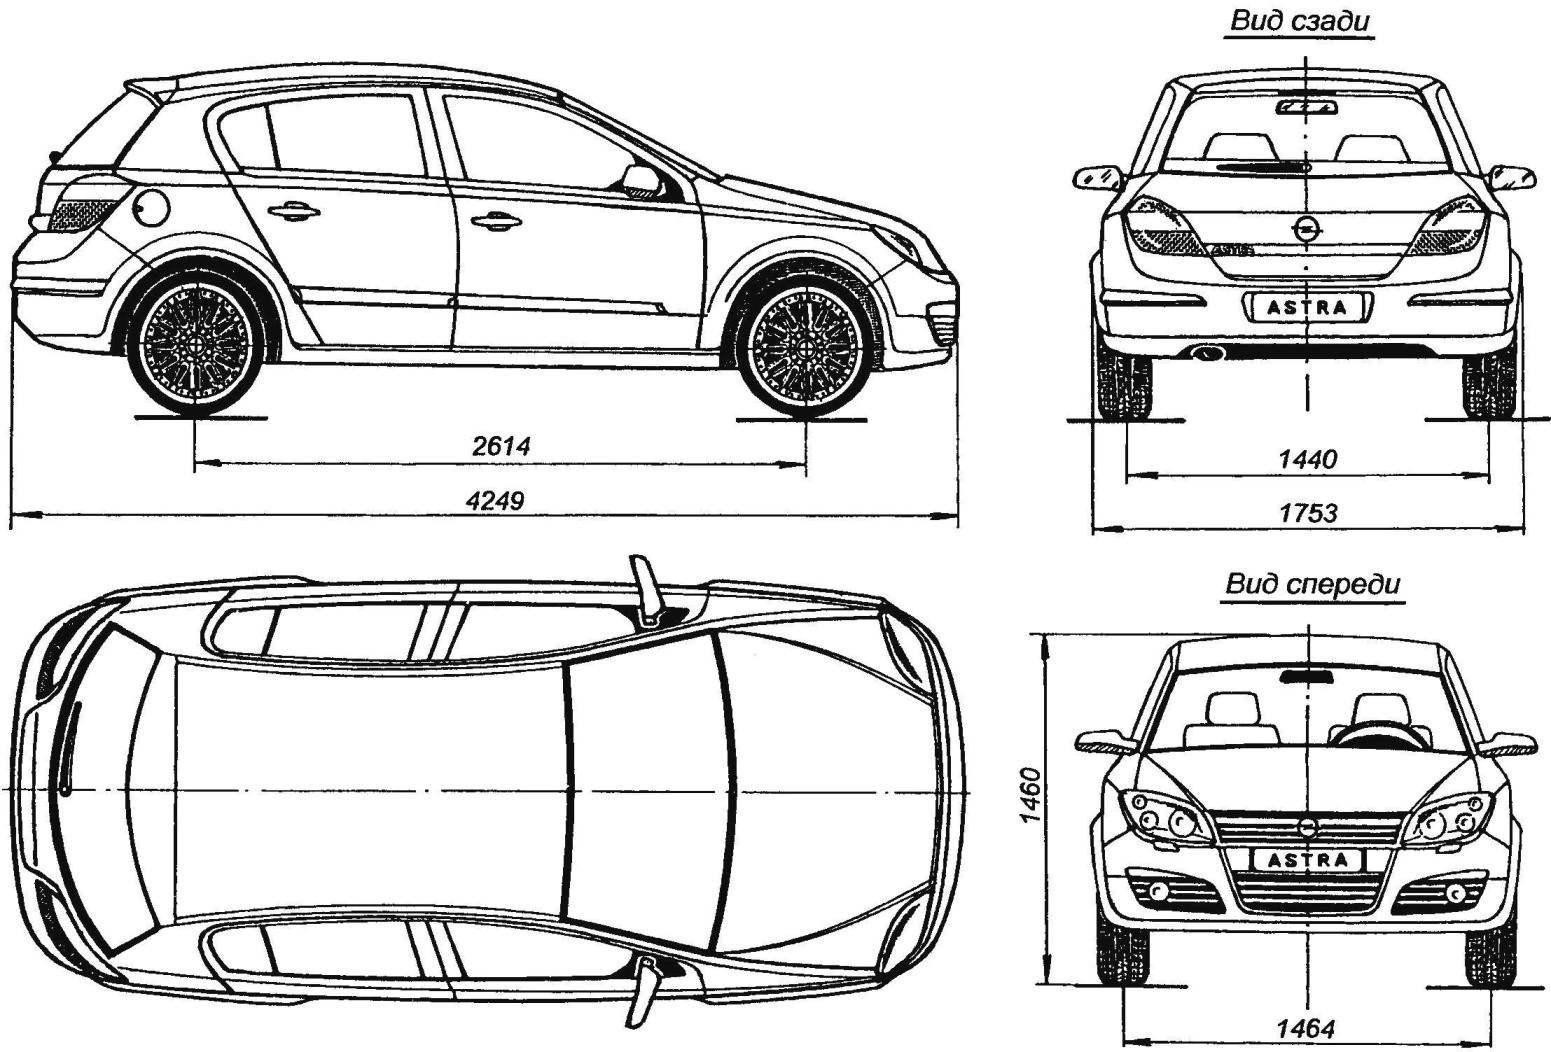 Геометрическая схема автомобиля OPEL ASTRA